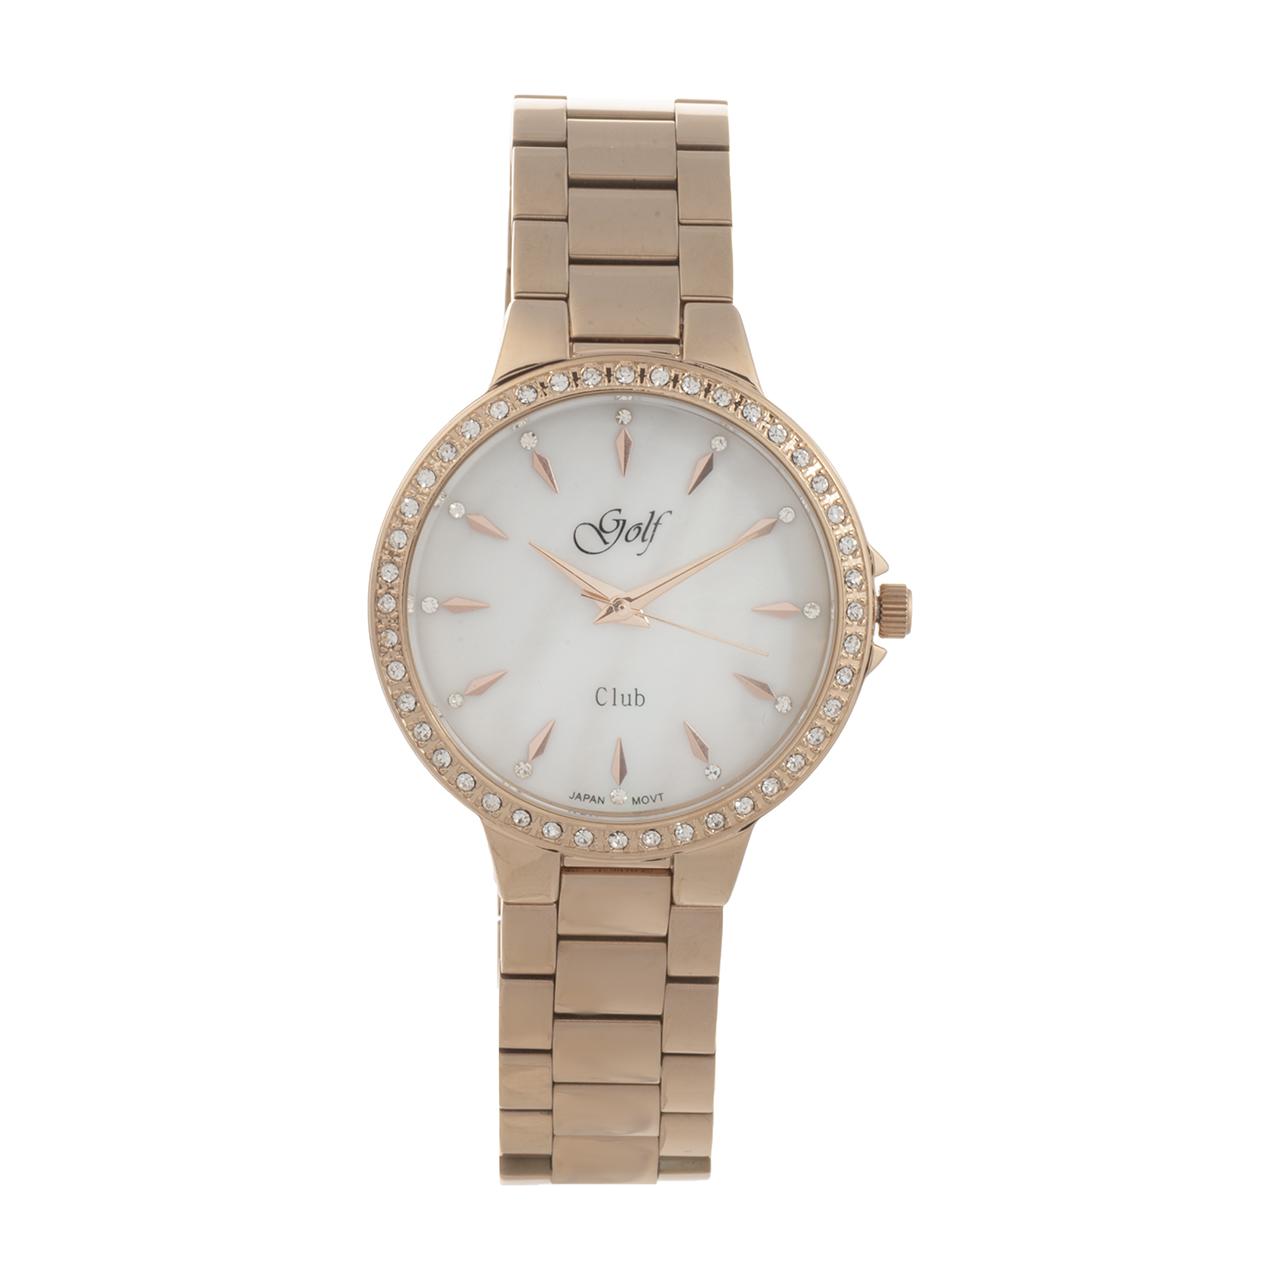 خرید ساعت مچی عقربه ای زنانه گلف مدل 131-2